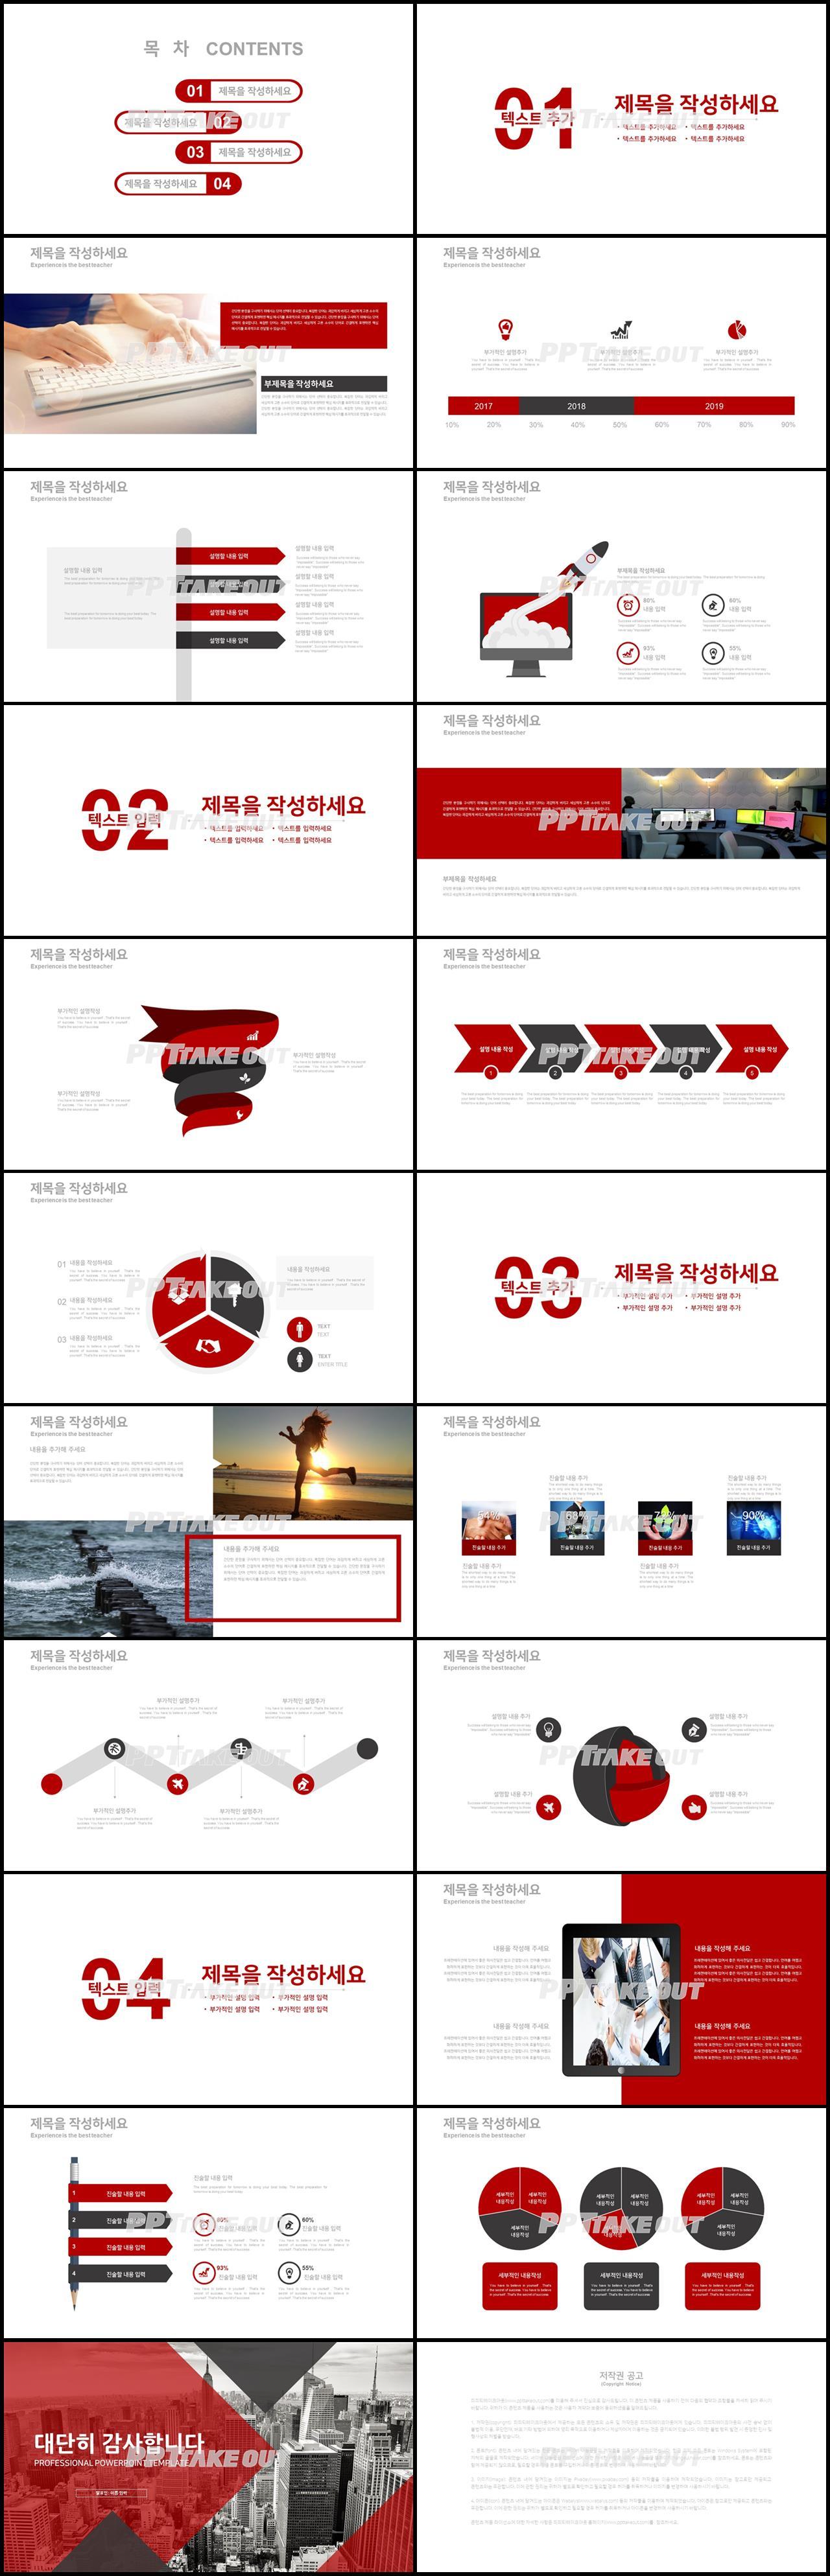 회사홍보 빨간색 폼나는 고퀄리티 POWERPOINT샘플 제작 상세보기